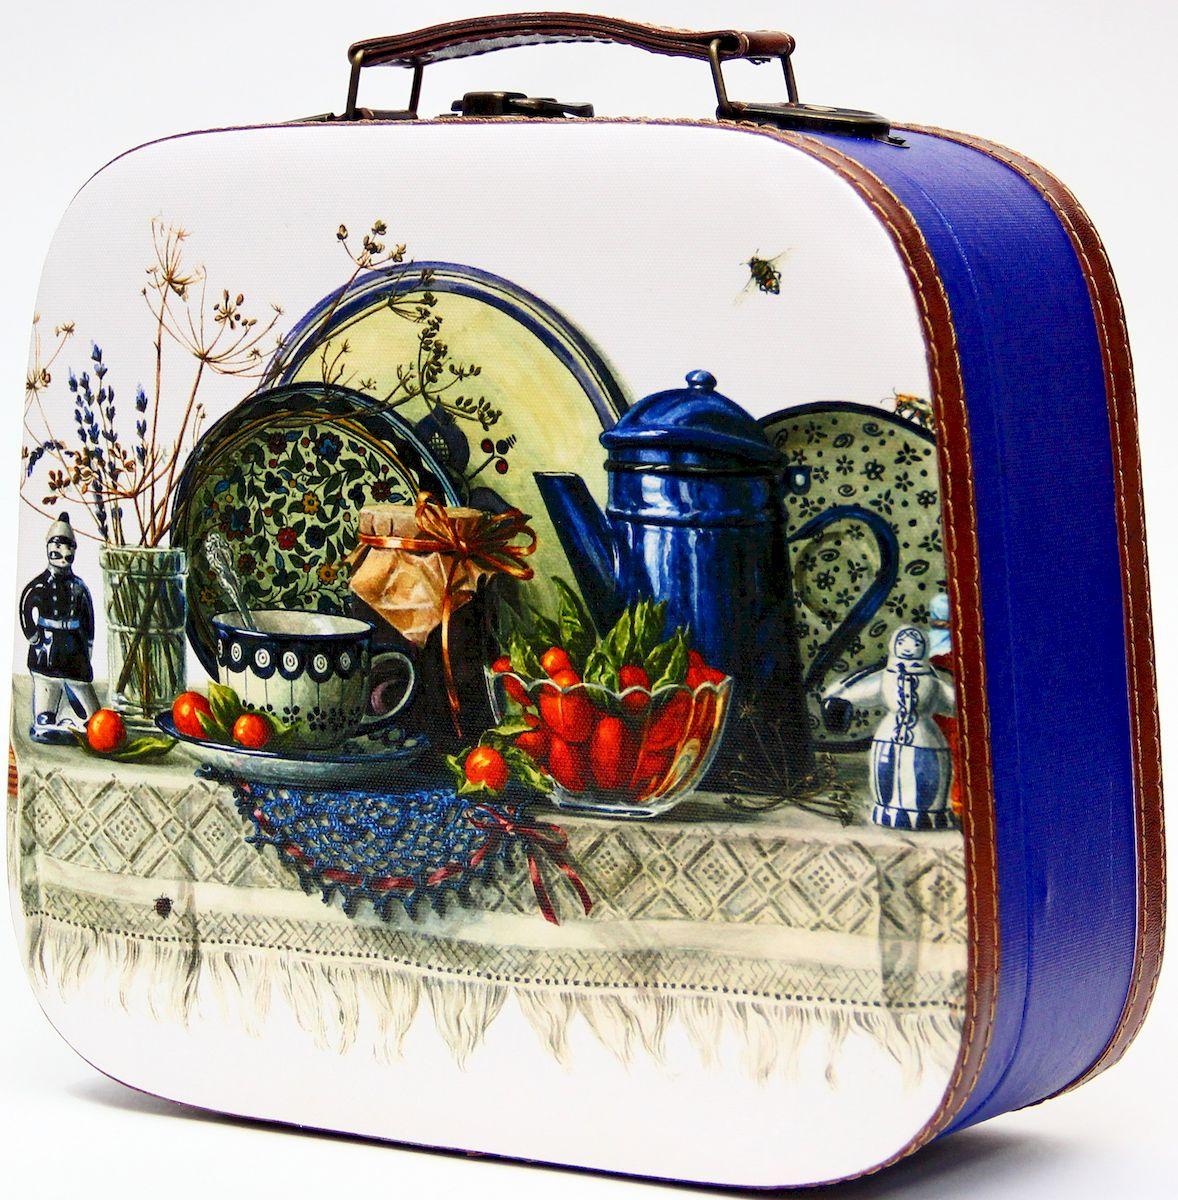 Шкатулка декоративная Magic Home Синий натюрморт, цвет: синий, 28,5 х 25 х 10,5 смa030041Декоративная шкатулка Magic Home Синий натюрморт, выполненная из МДФ, оформлена ярким цветным изображением. Изделие закрывается на металлический замок и оснащено оригинальной ручкой под старину для переноски.Такая шкатулка может использоваться для хранения бижутерии, предметов рукоделия, в качестве украшения интерьера, а также послужит хорошим подарком для человека, ценящего практичные и оригинальные вещицы.